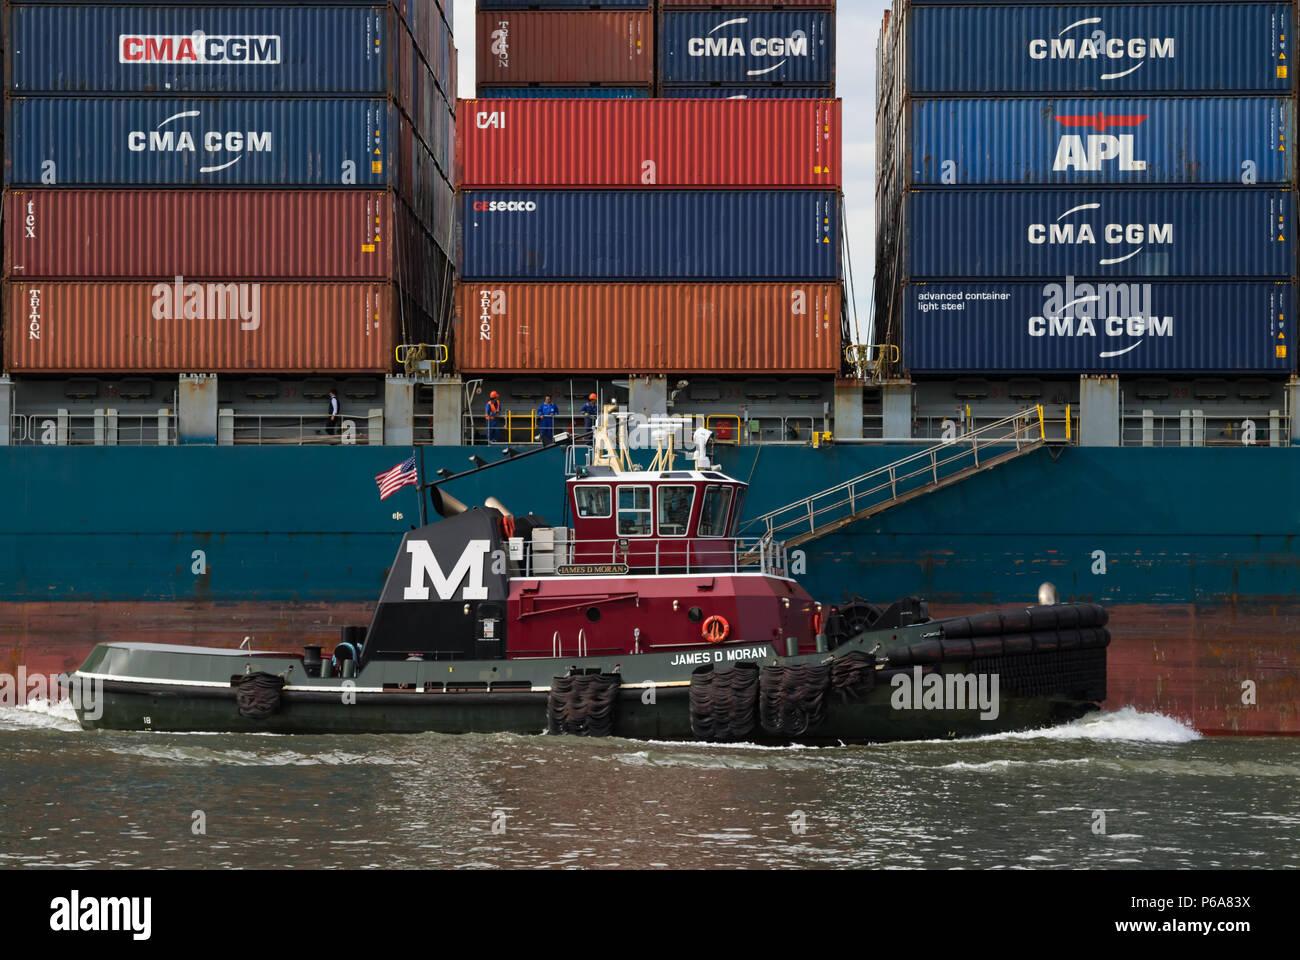 Moran Abschleppen des Traktors tug James D. Moran transfer unterwegs mit einem Container schiff mit Containern gestapelt Stockfoto